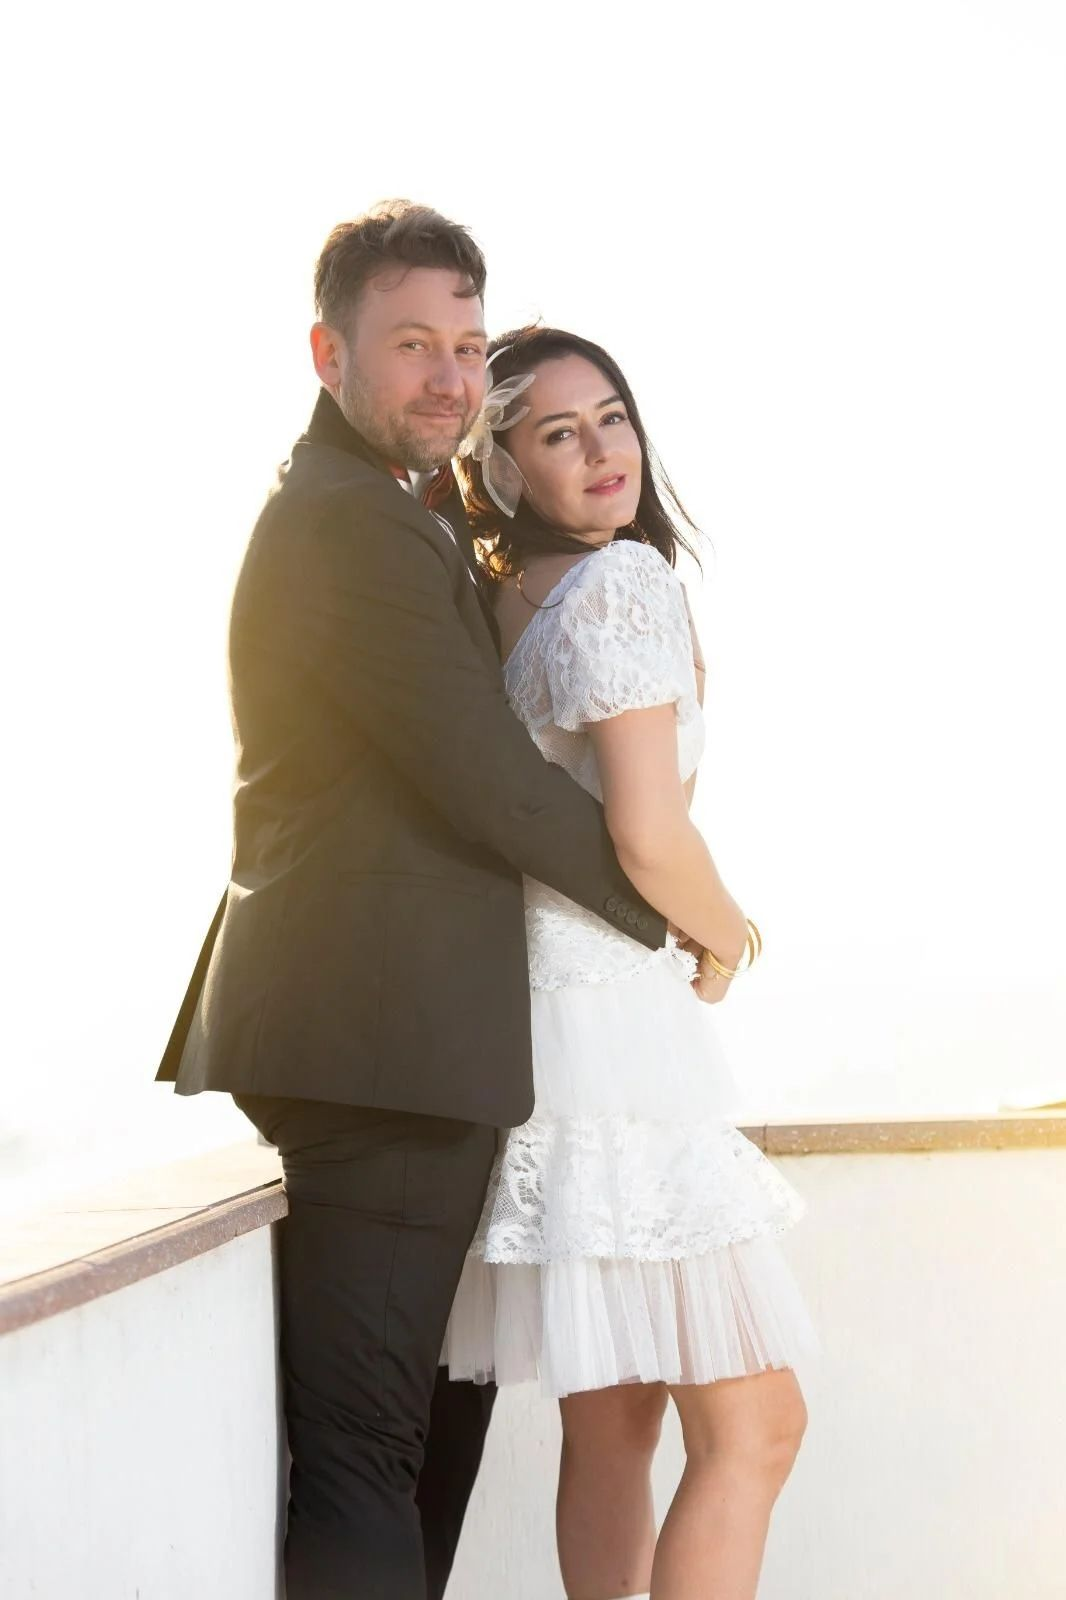 Eşkıya Dünyaya Hükümdar Olmaz oyuncusunun mutlu günü - Sayfa:3